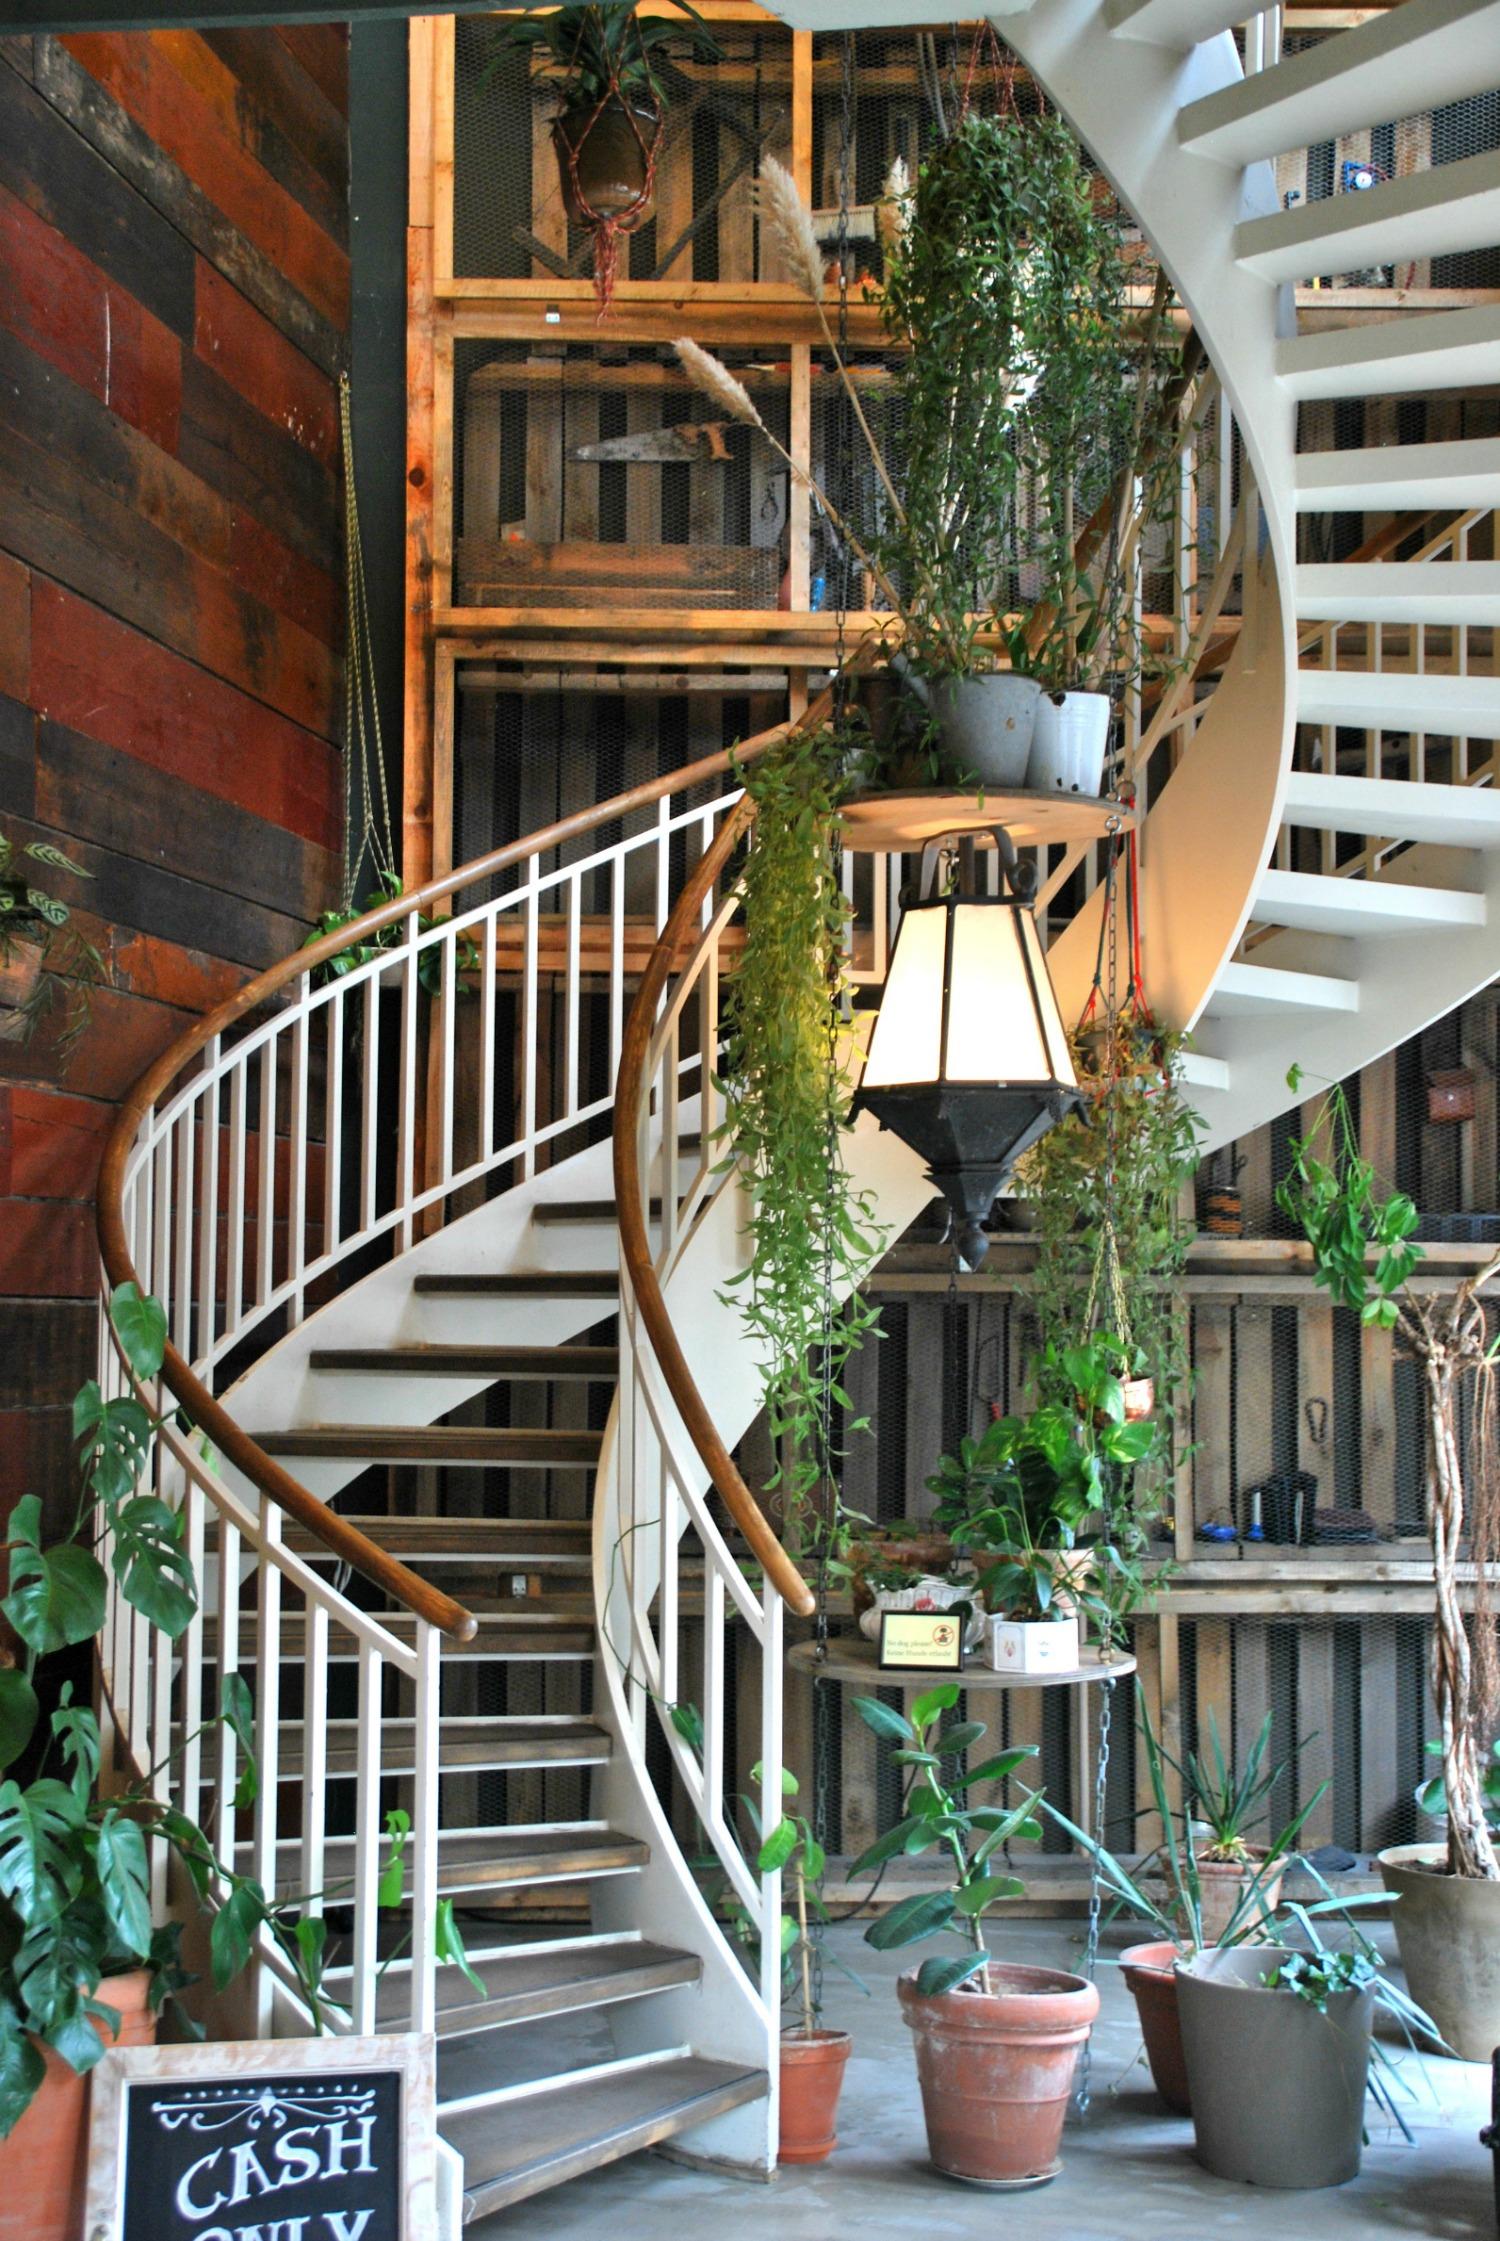 House of small Wonder- mit dem schönsten Eingang den ich je gesehen habe